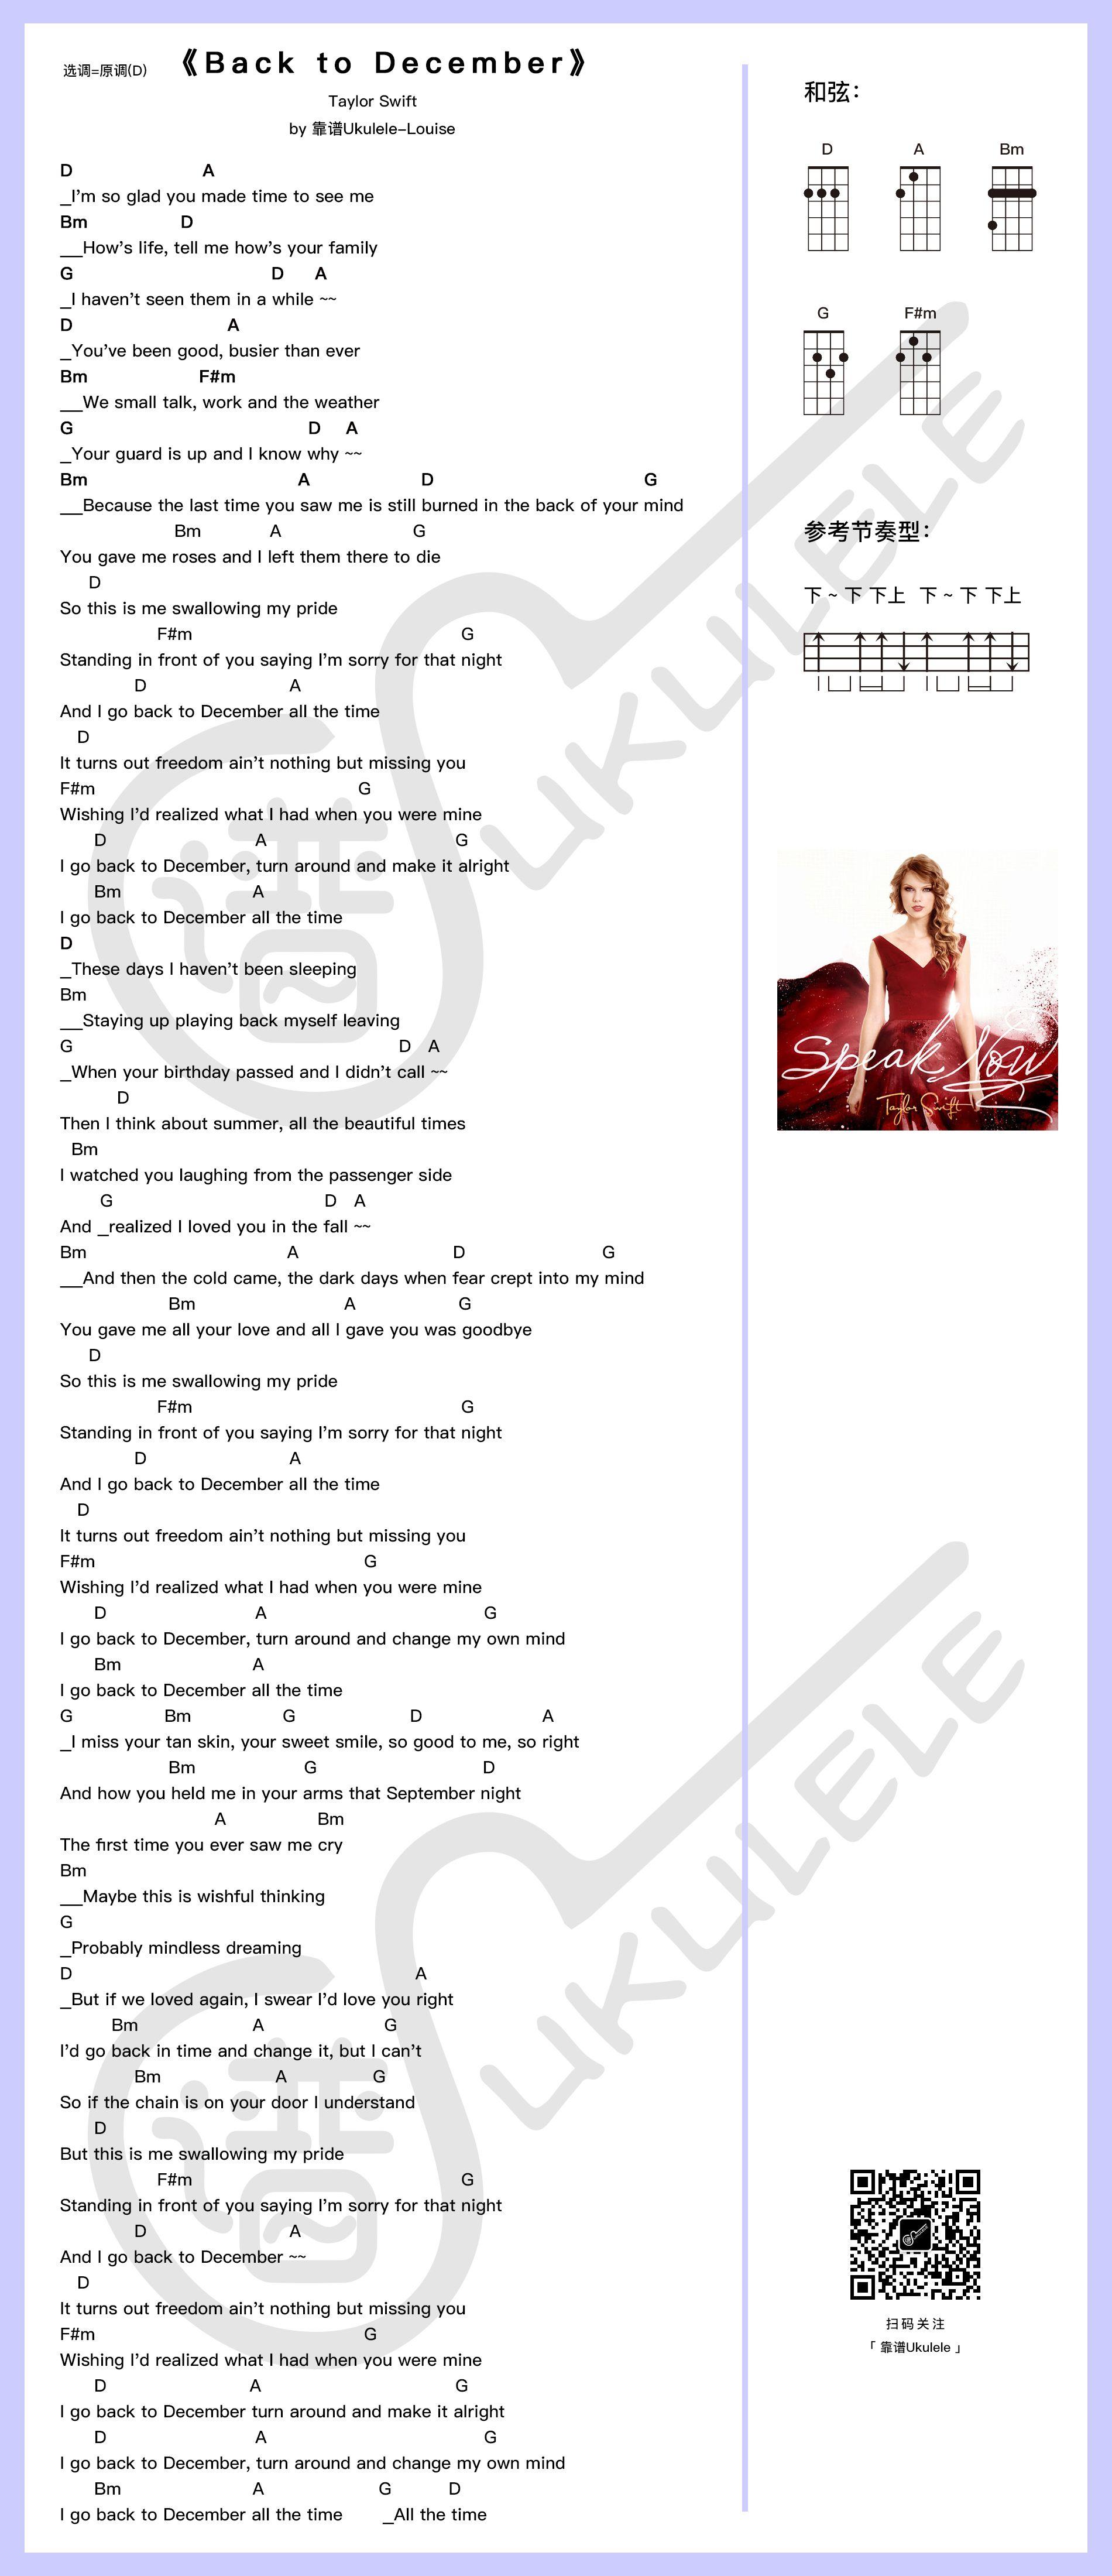 Back To December Ukulele Chords Ukulele Songs Lyrics And Chords Ukulele Tabs Songs